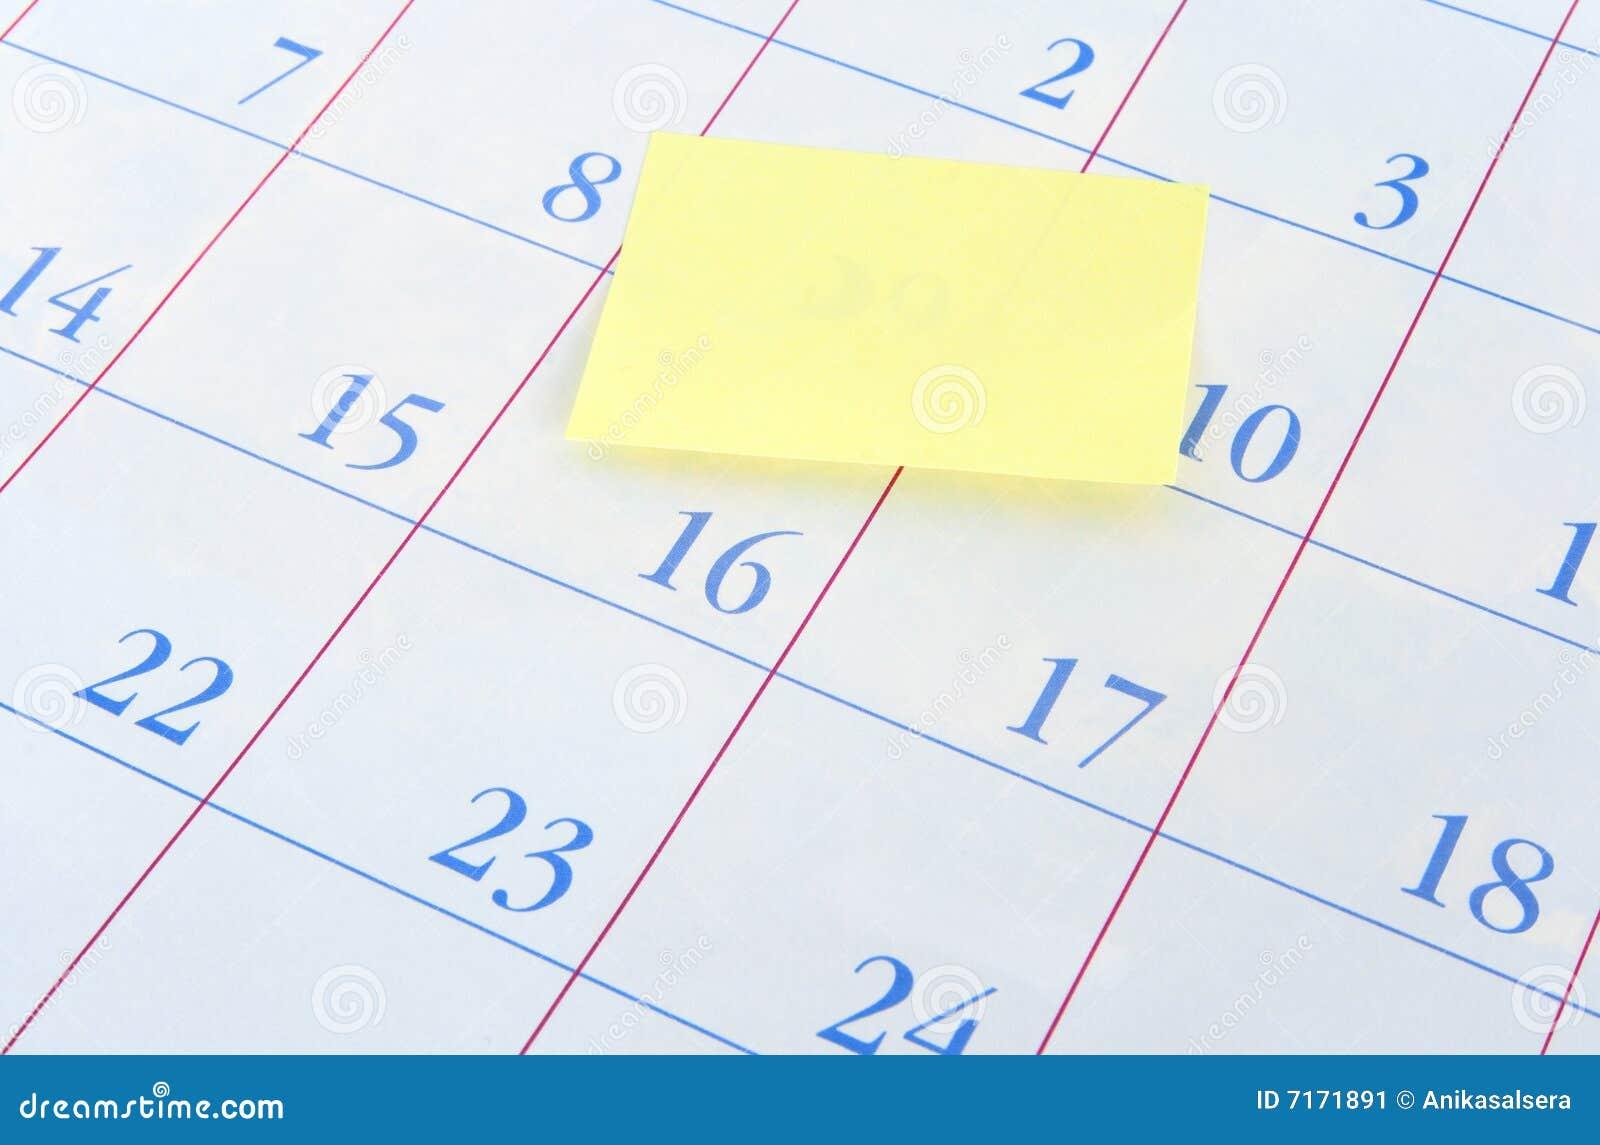 Weekly Calendar Sticky Notes : Blank sticky note on a calendar stock image